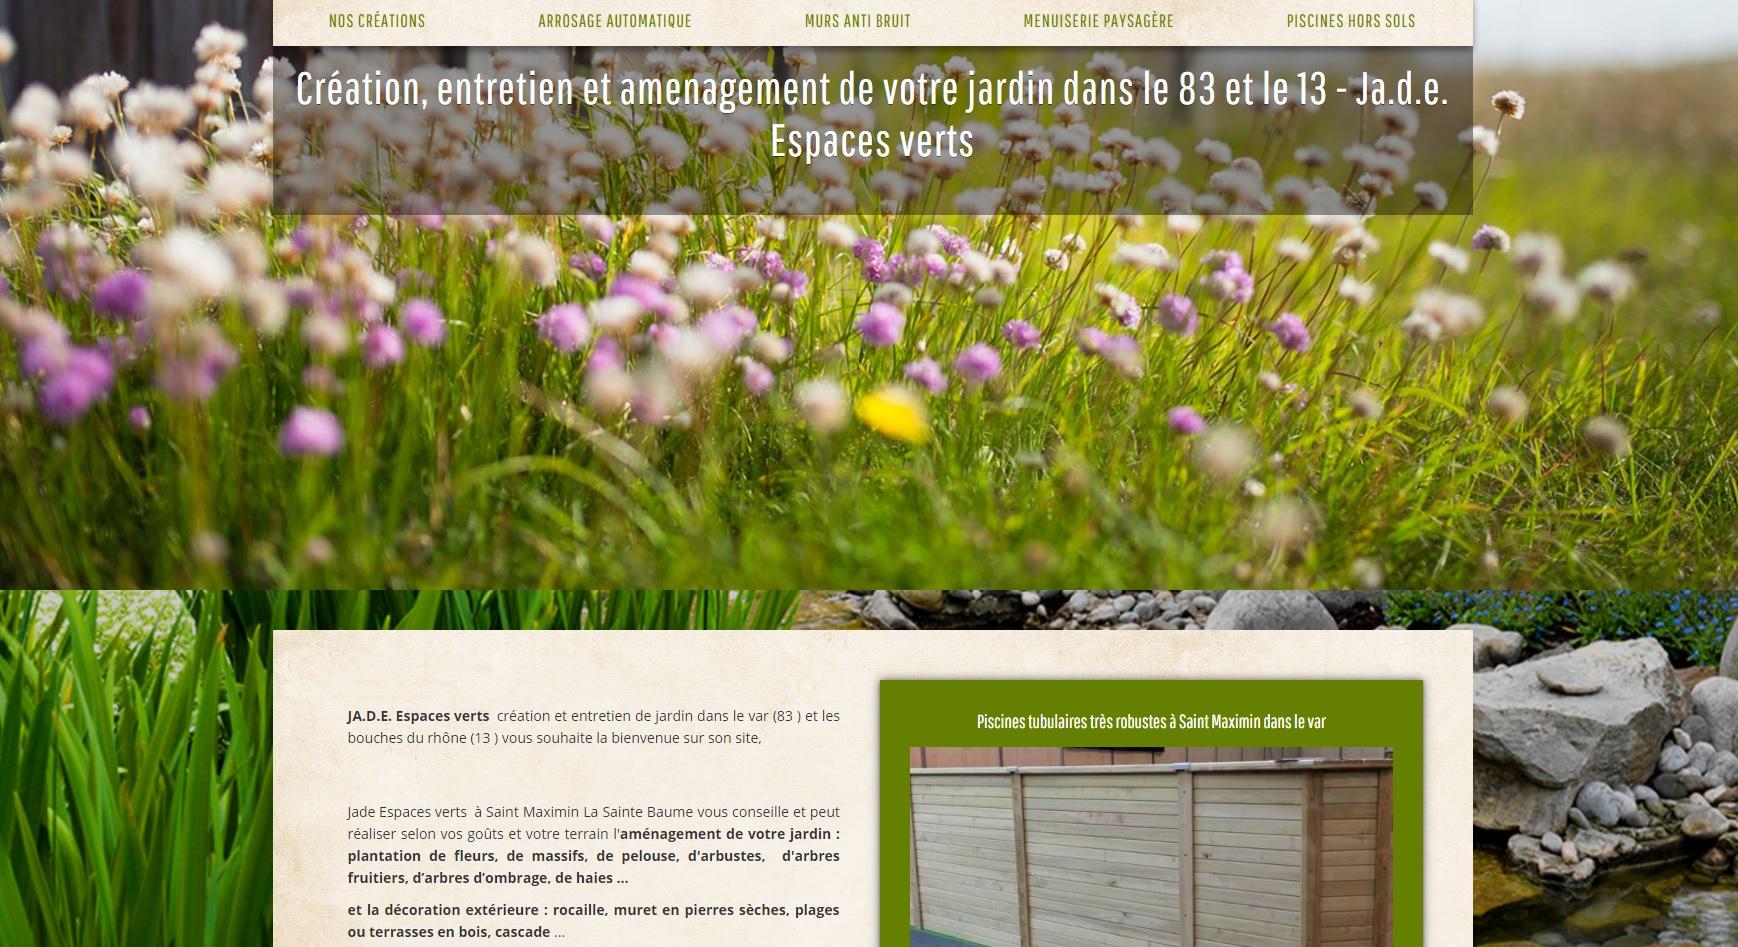 Cr ation et entretien de jardin par jardinier paysagiste for Entretien des jardins et espaces verts